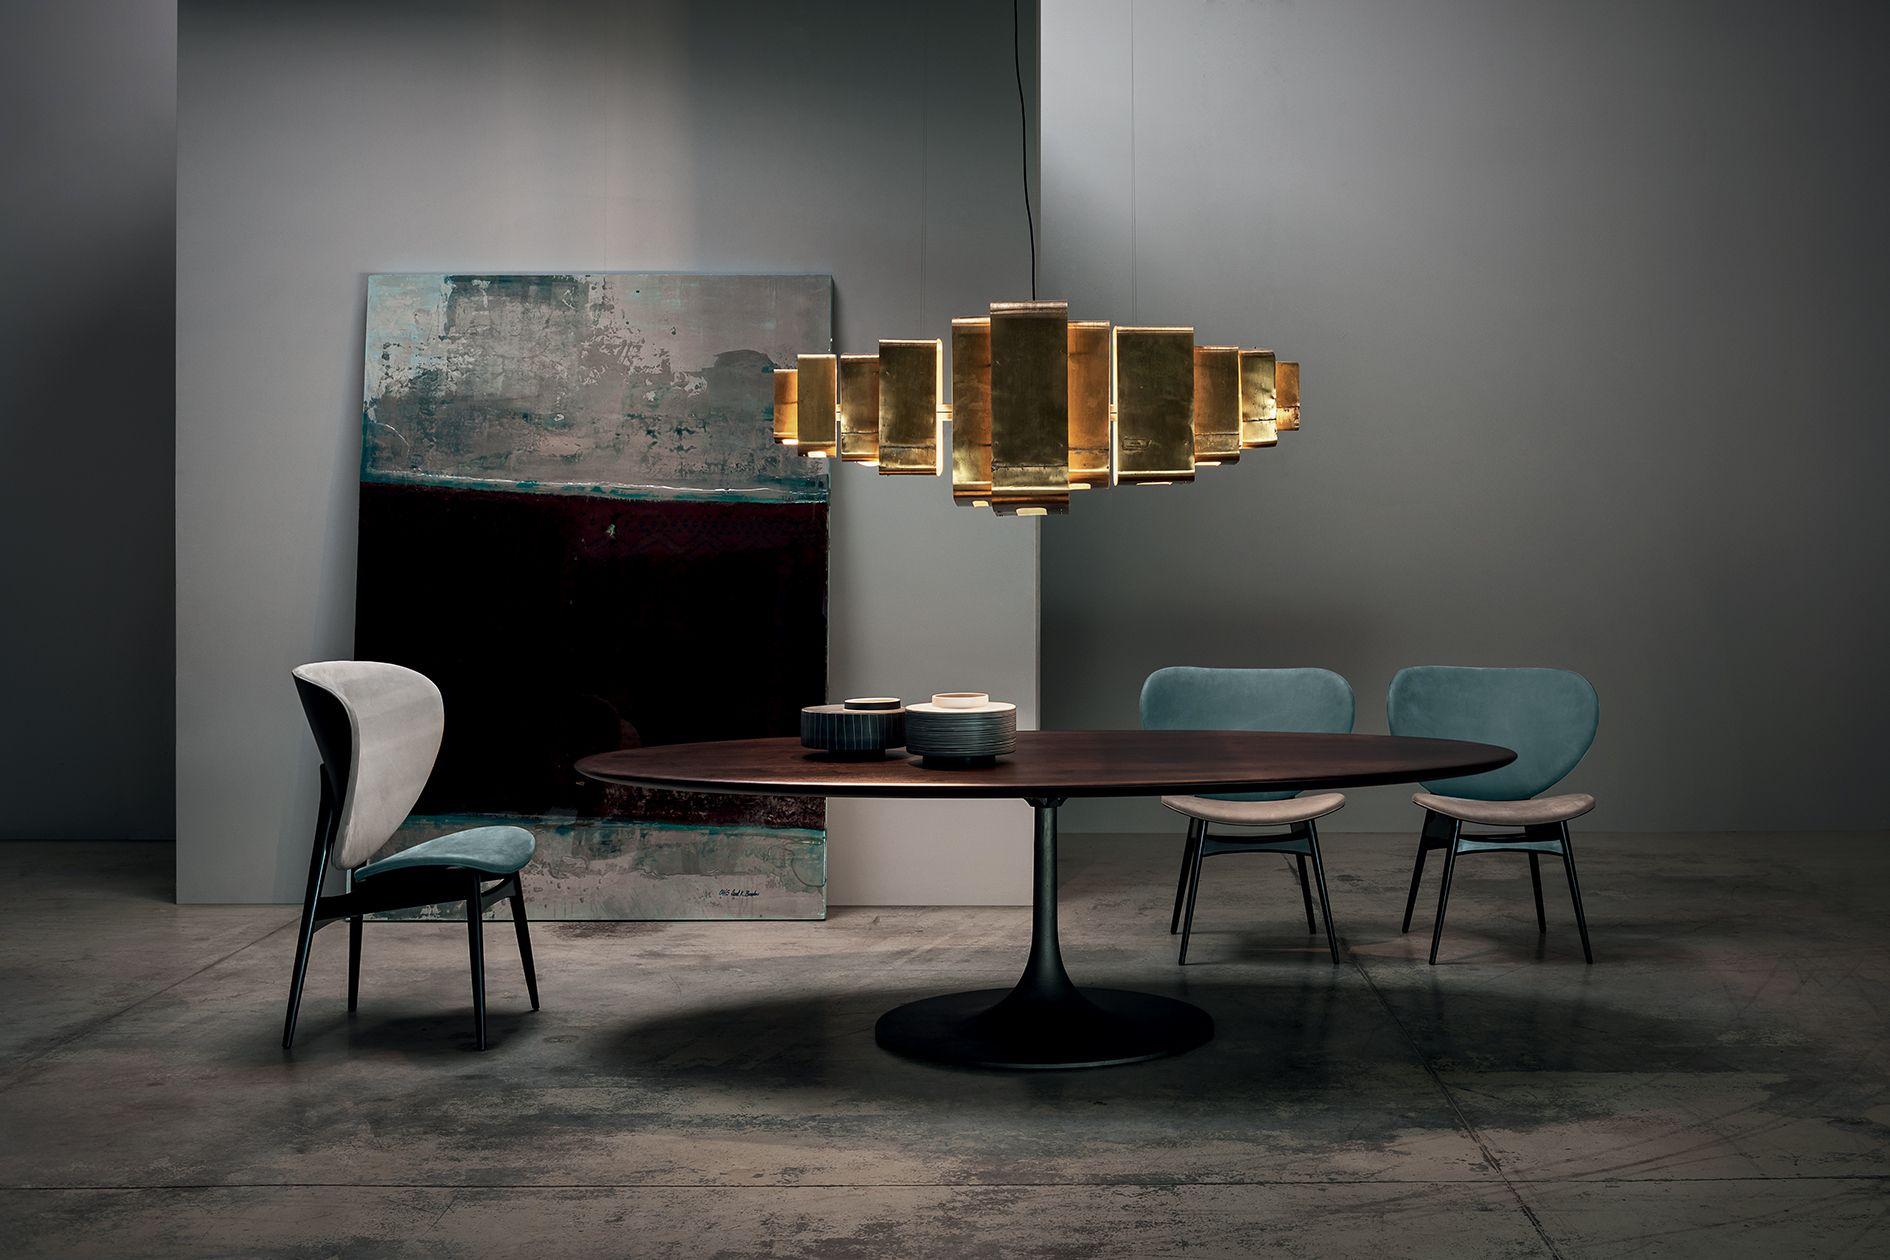 pin von leptien 3 auf baxter bei leptien 3 pinterest deckenlampen esstische und runder esstisch. Black Bedroom Furniture Sets. Home Design Ideas